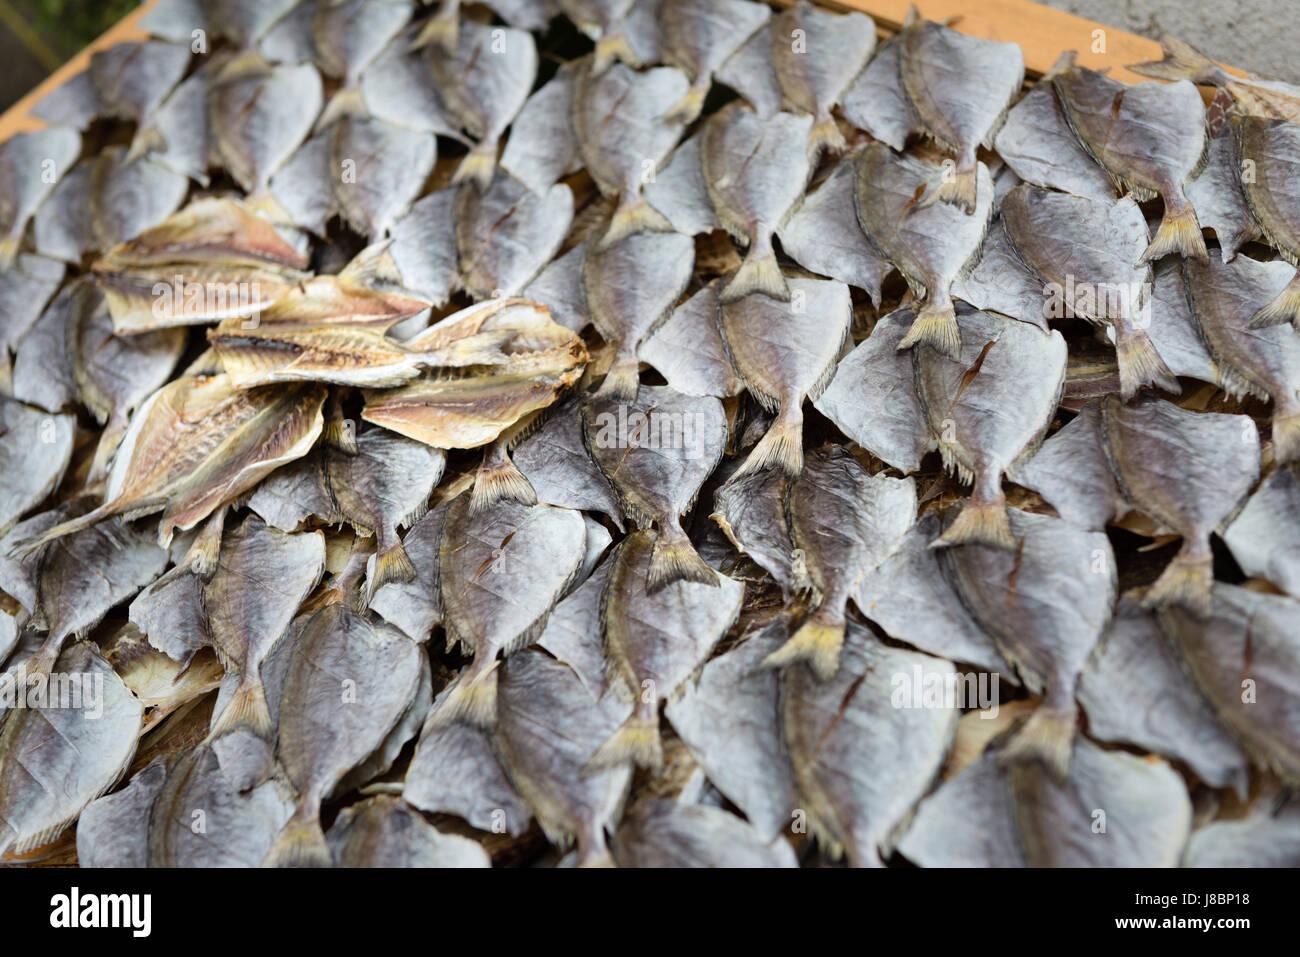 Dried fish at a market stall Cheung Chau Island, Hong Kong - Stock Image